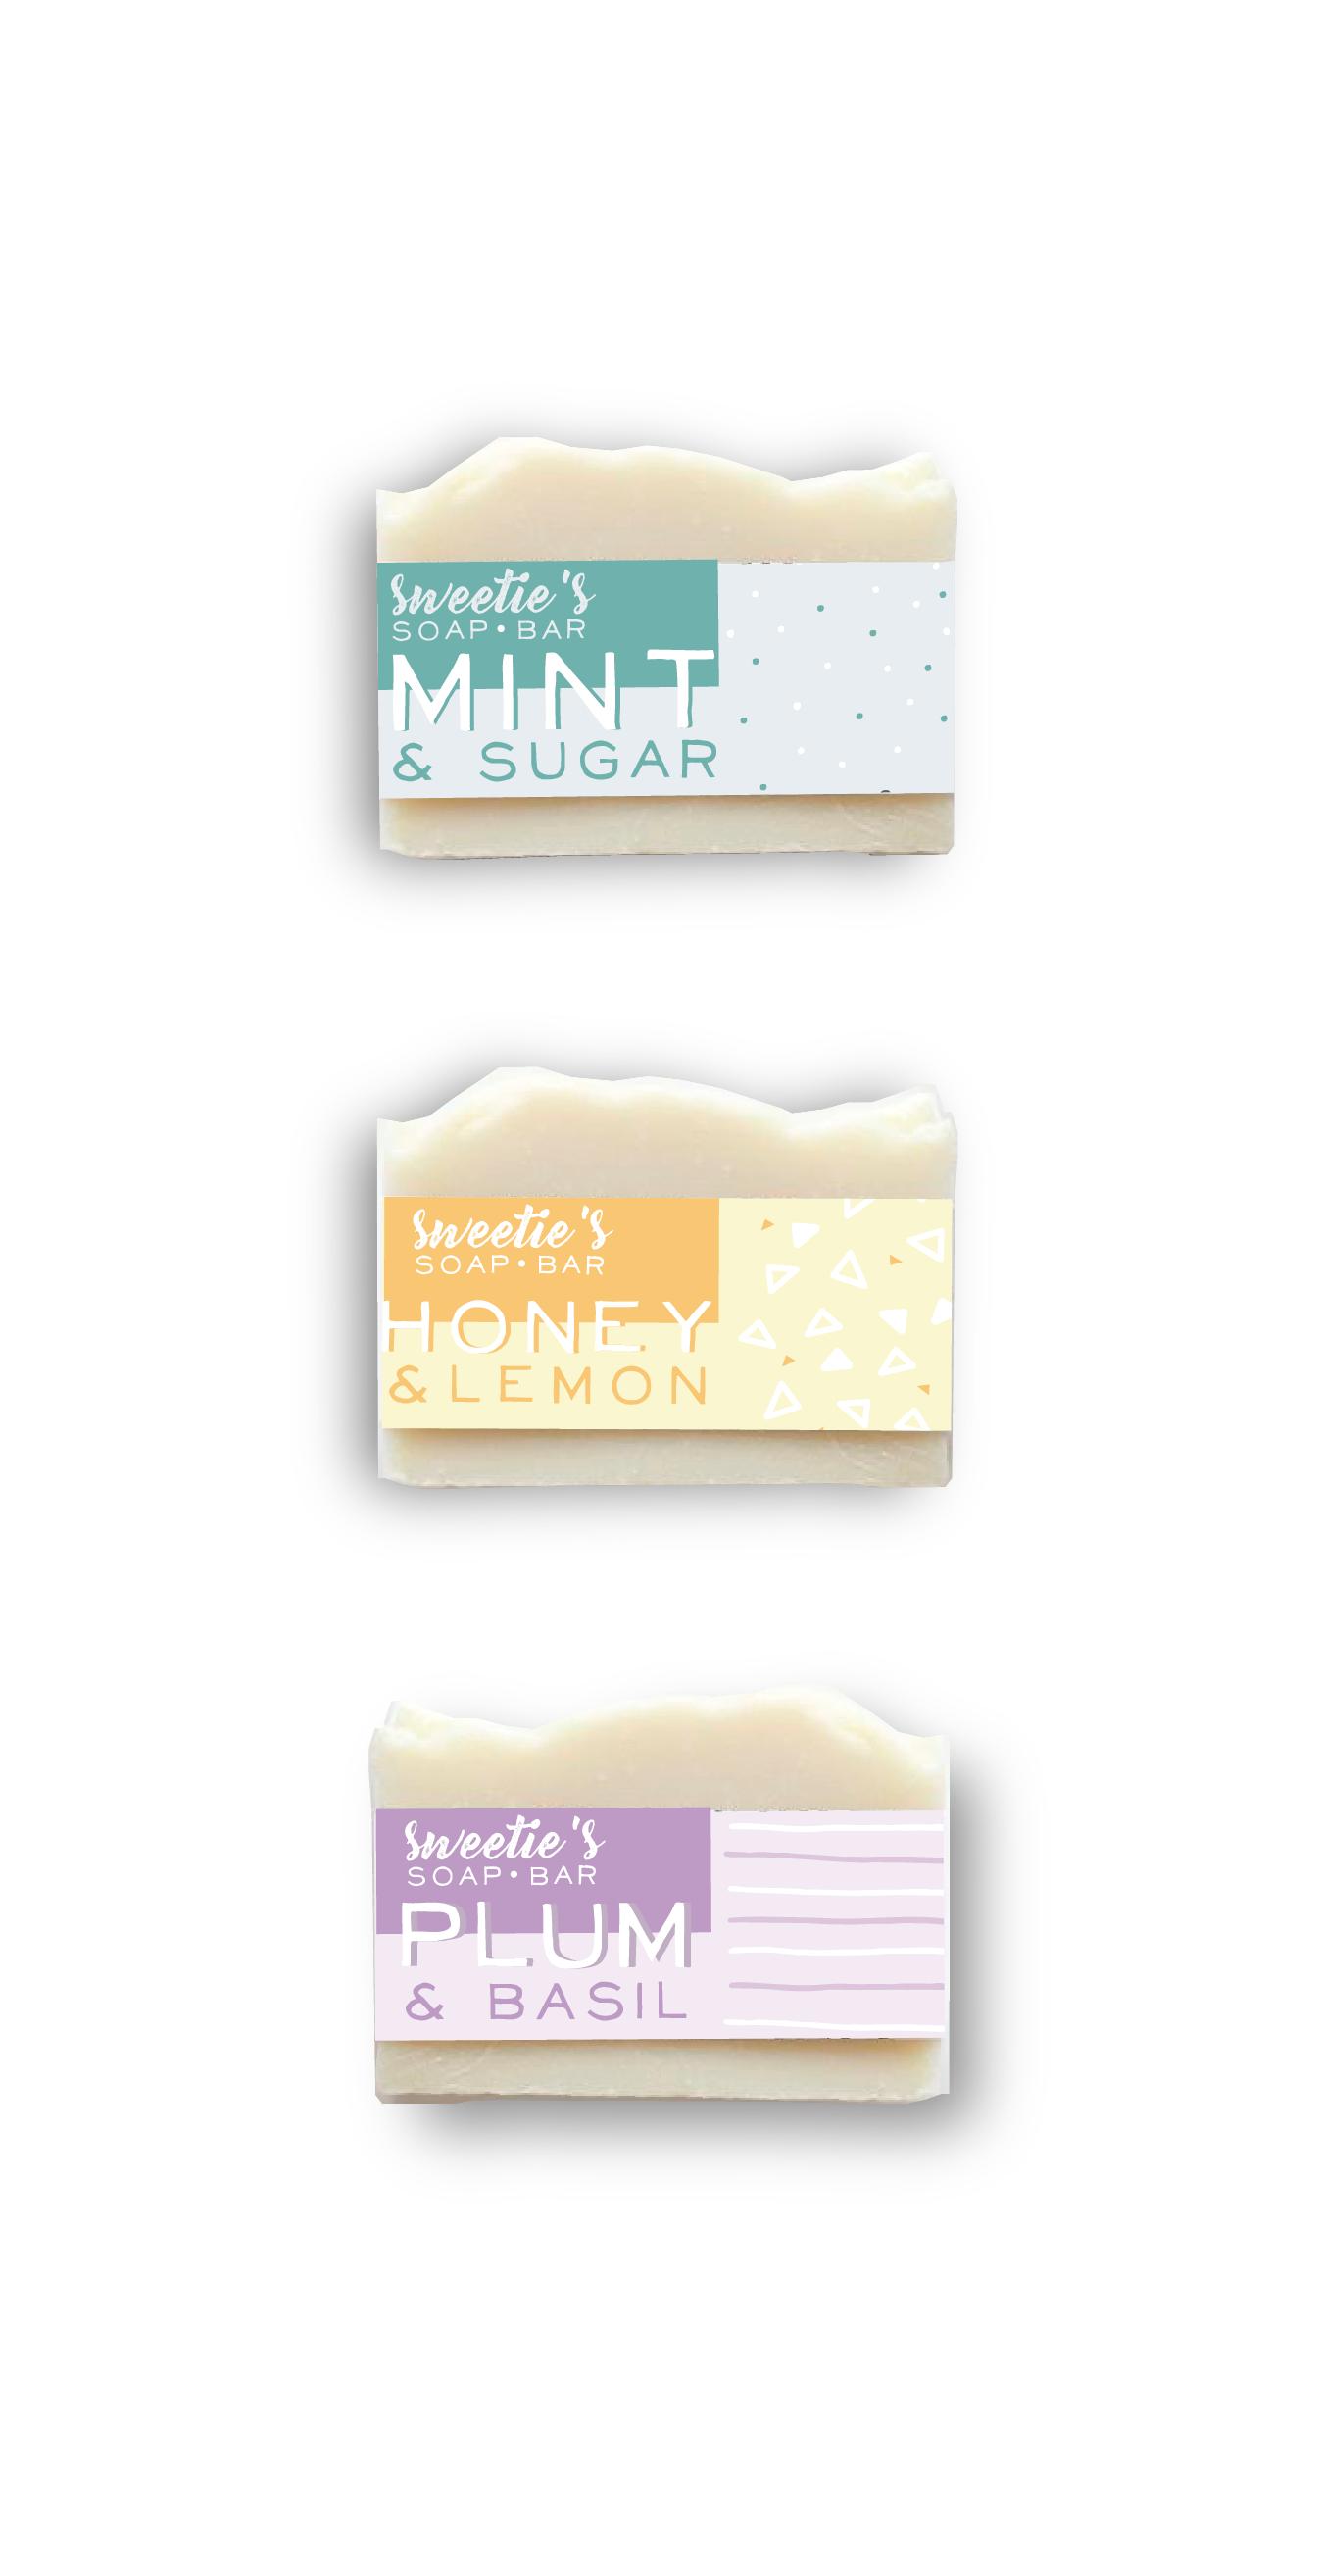 sweeties soaps.png